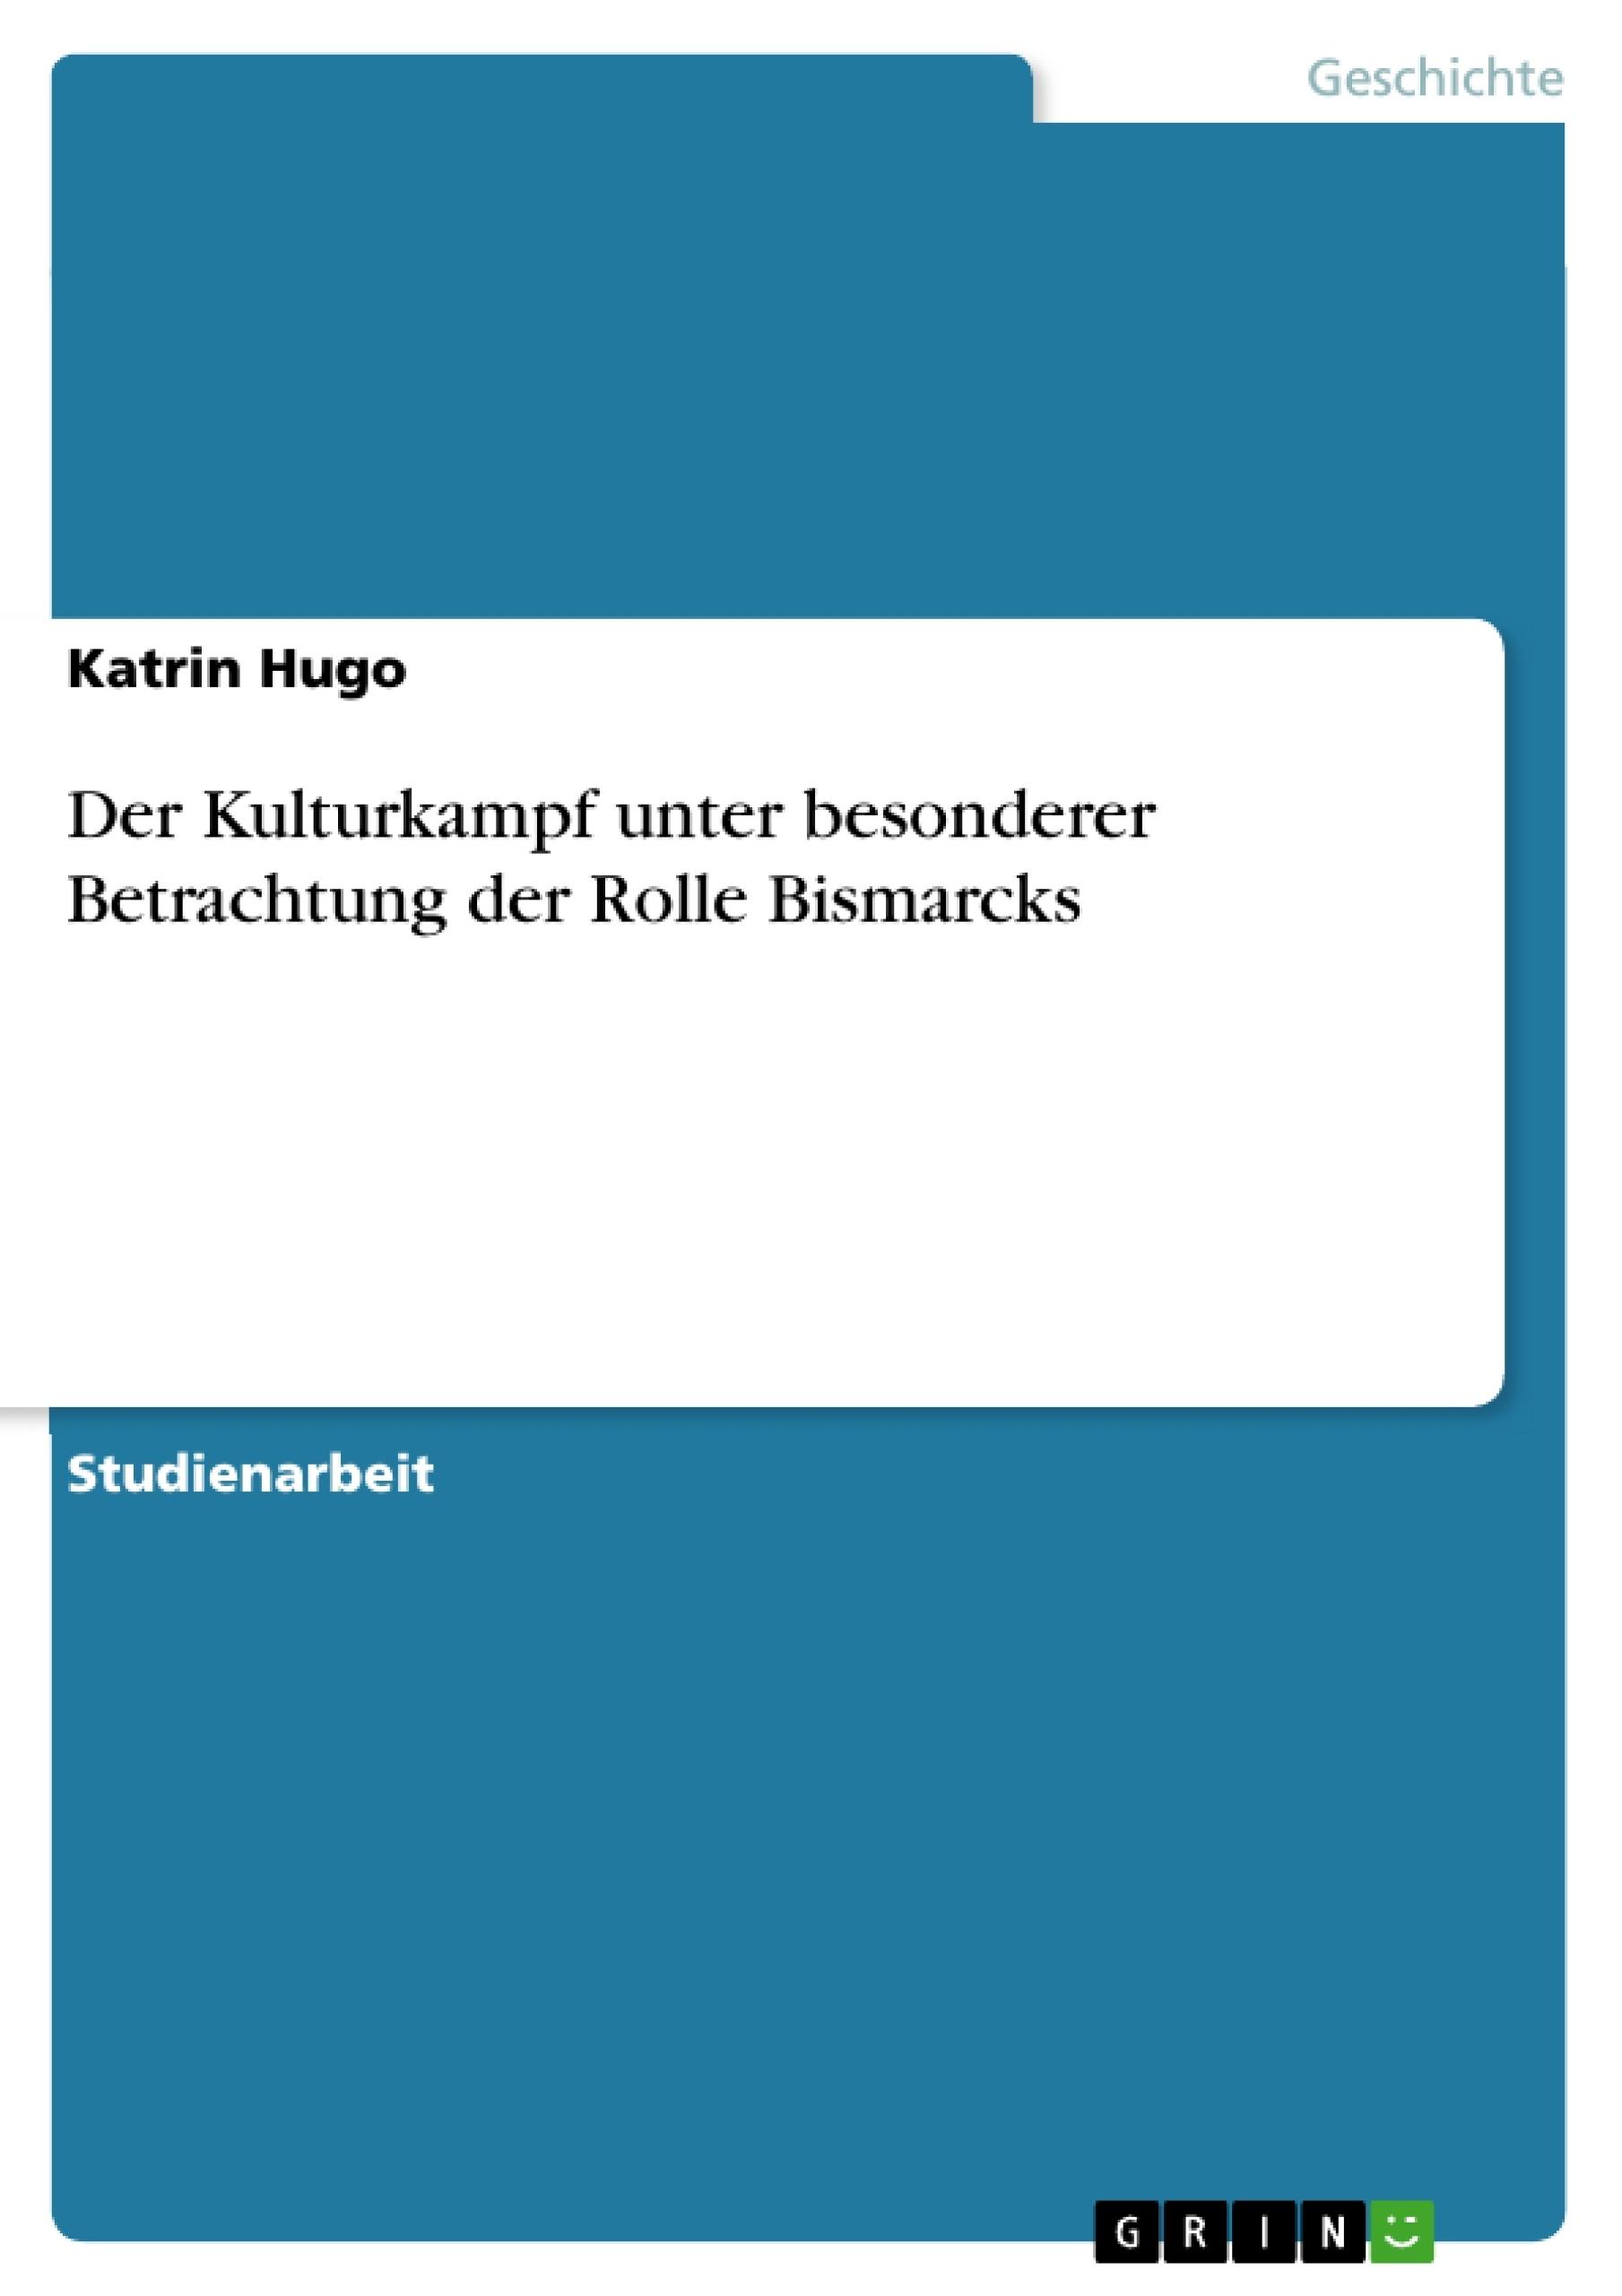 Titel: Der Kulturkampf unter besonderer Betrachtung der Rolle Bismarcks